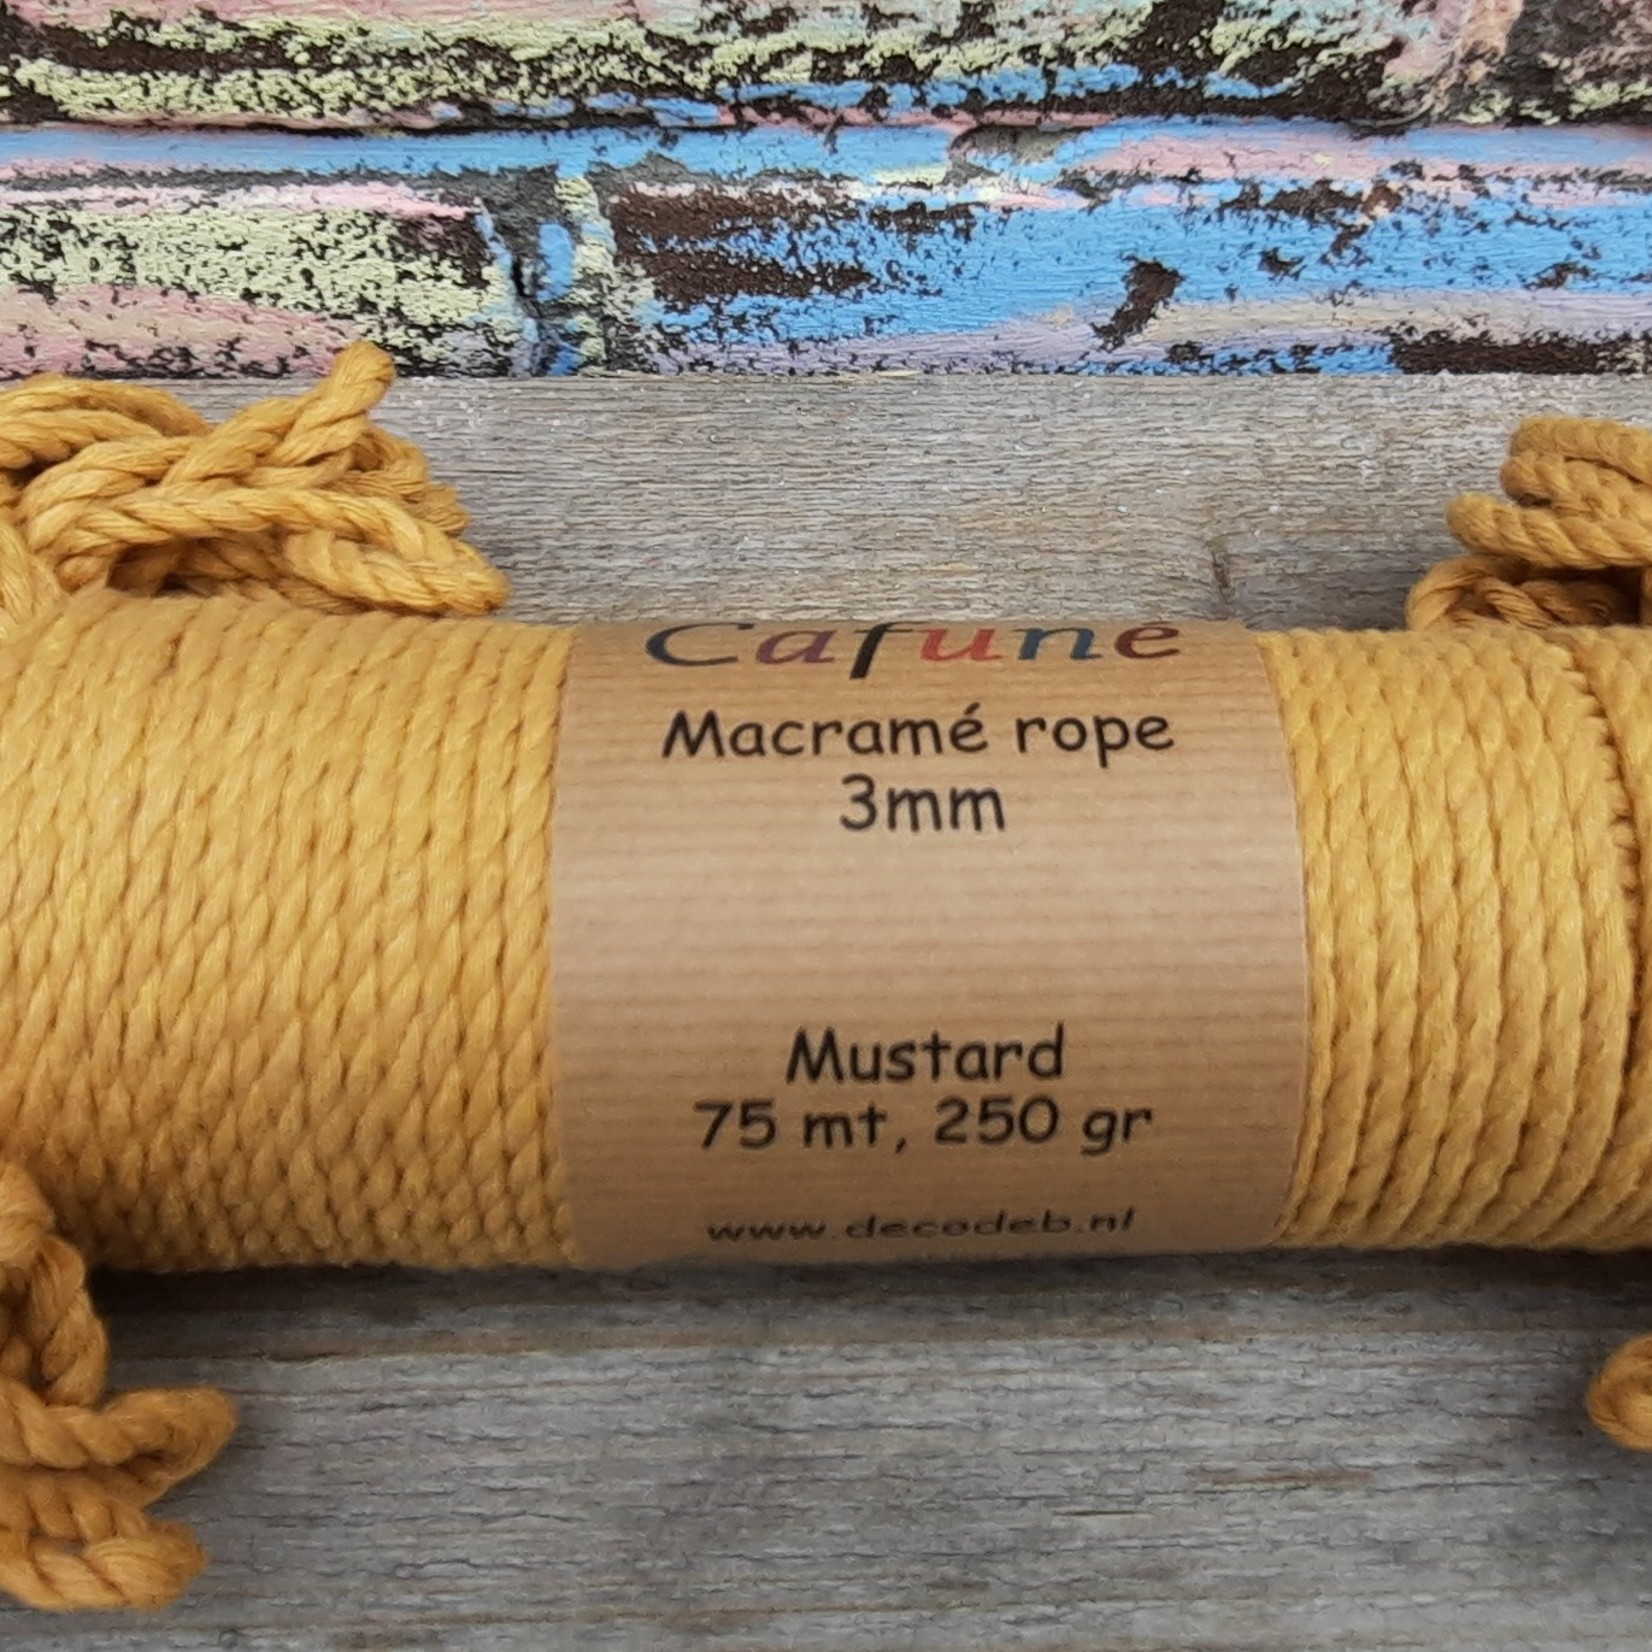 3mm Macrame touw Mosterd, double twisted, uitkambaar